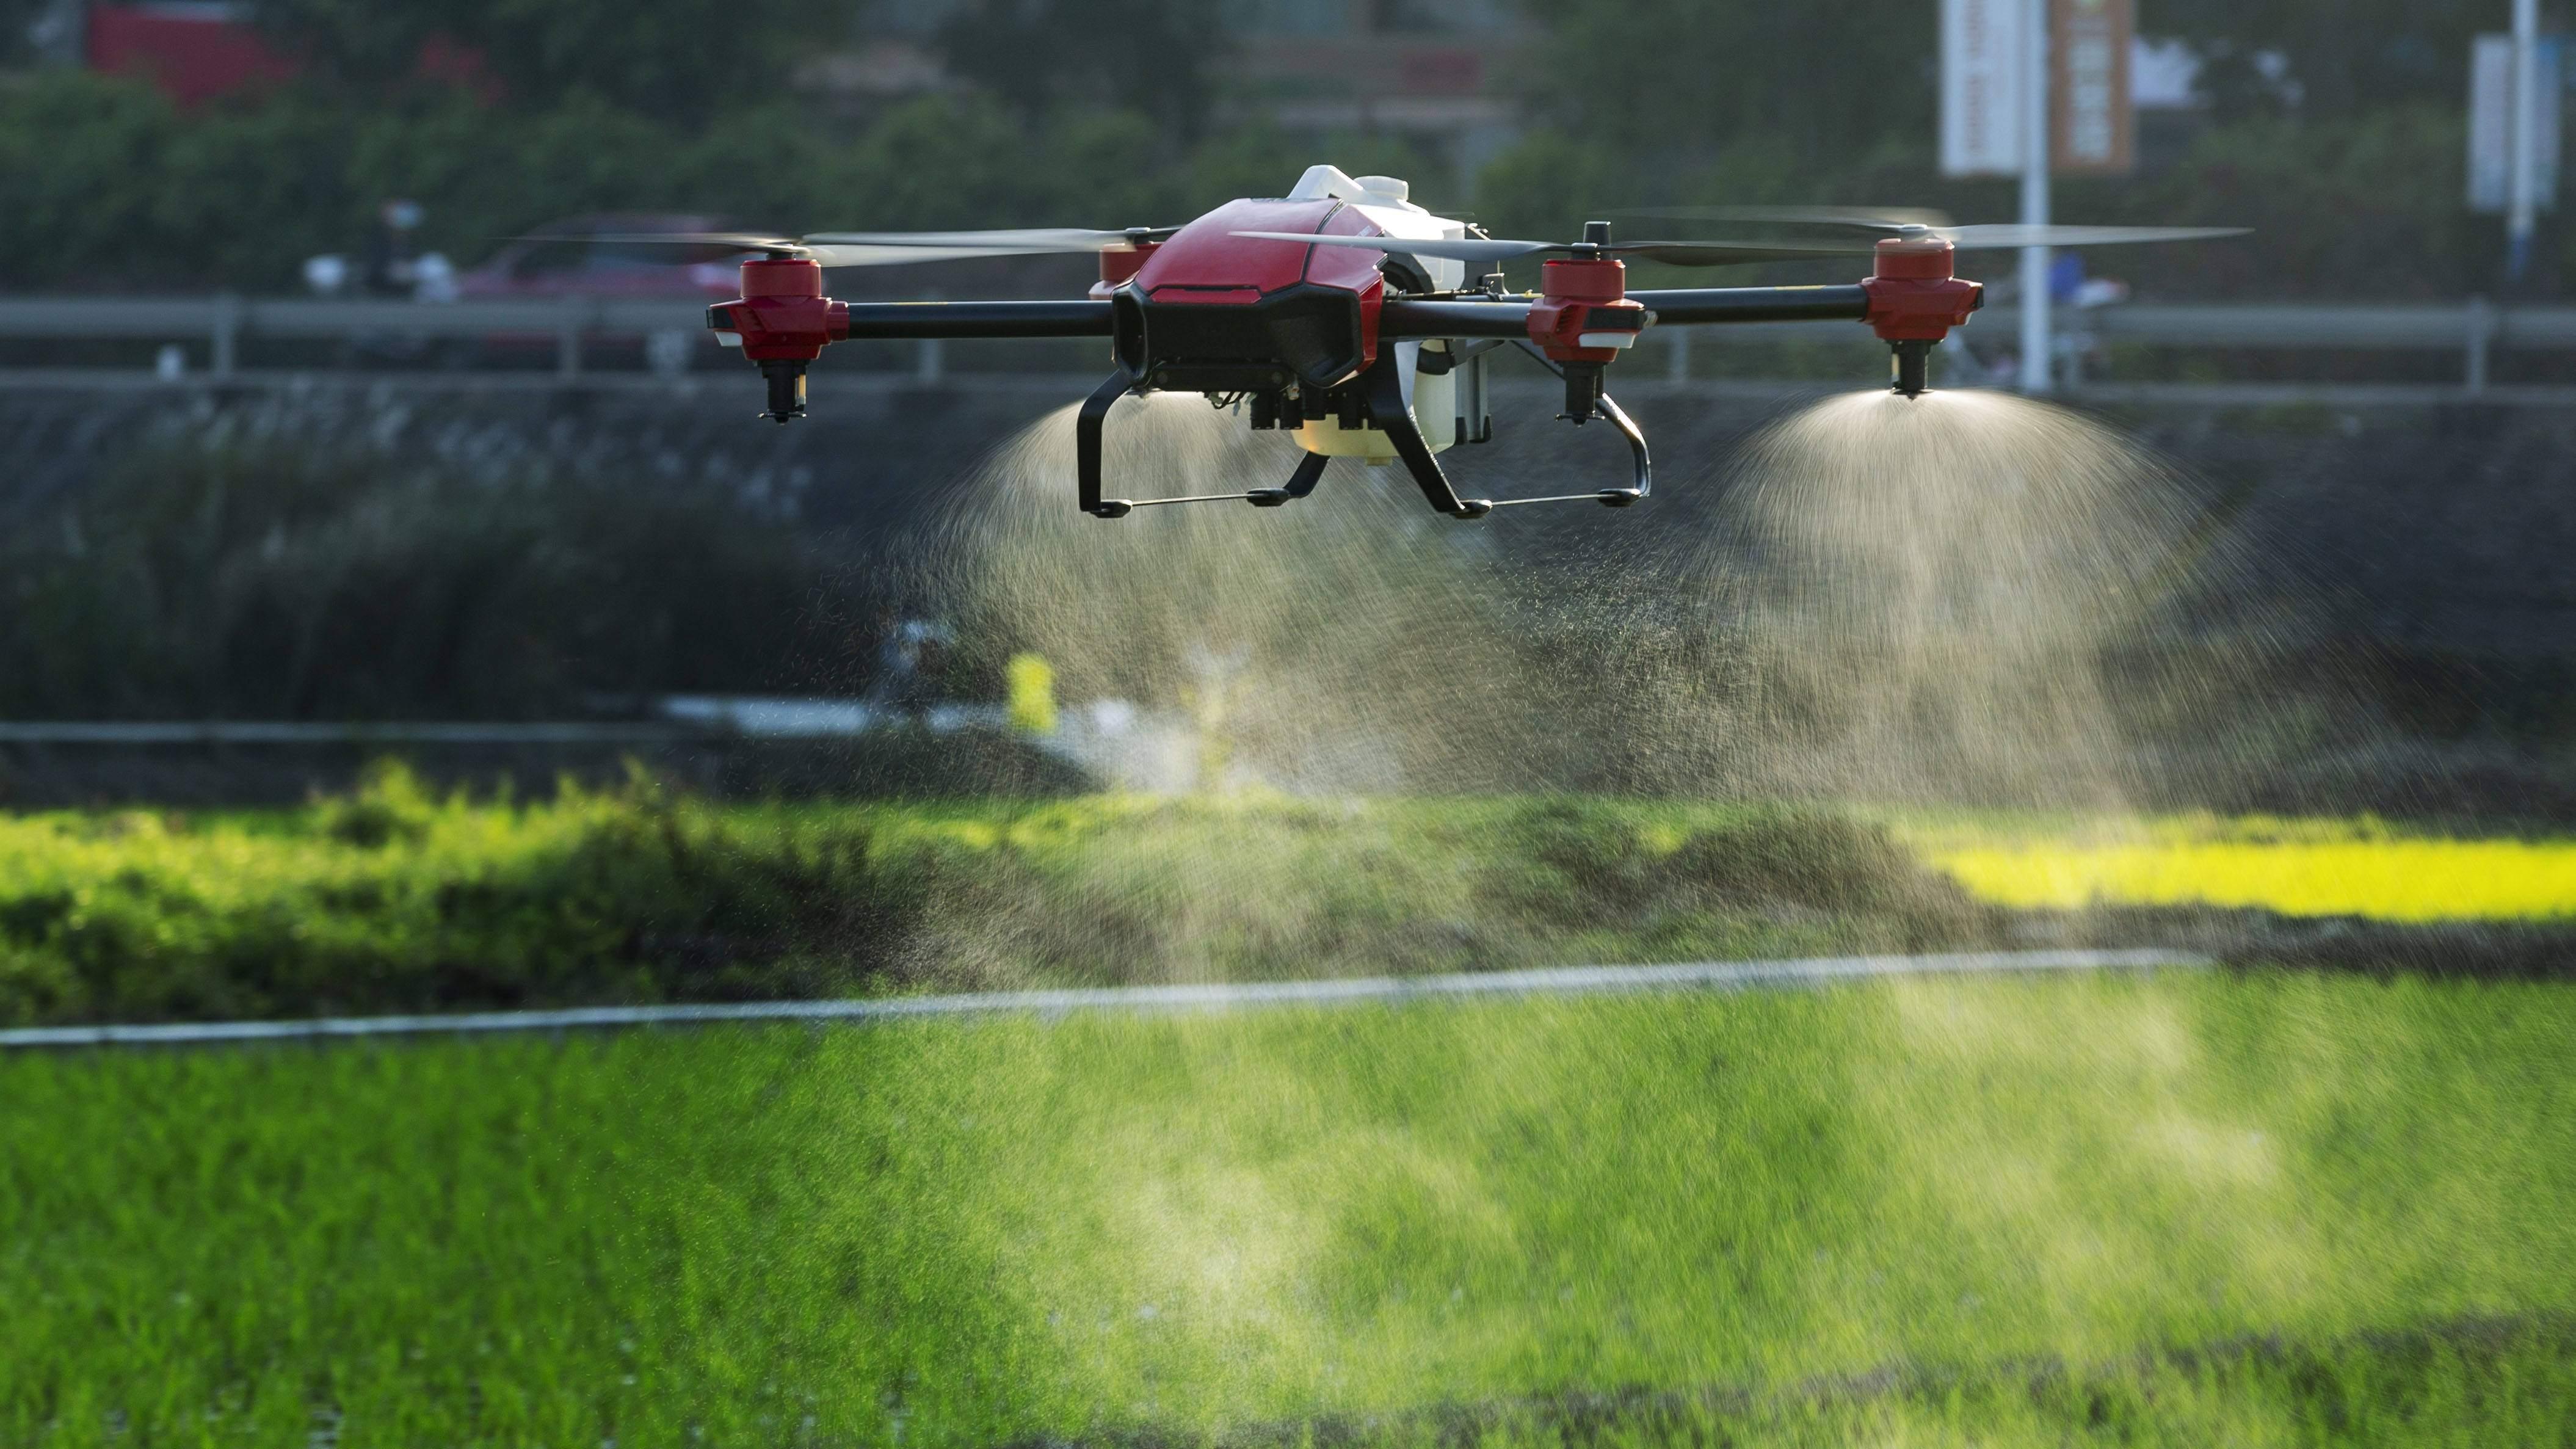 Hiệu ứng phun hạt nước kích thước nguyên tử của máy bay nông nghiệp phiên bản PG30s